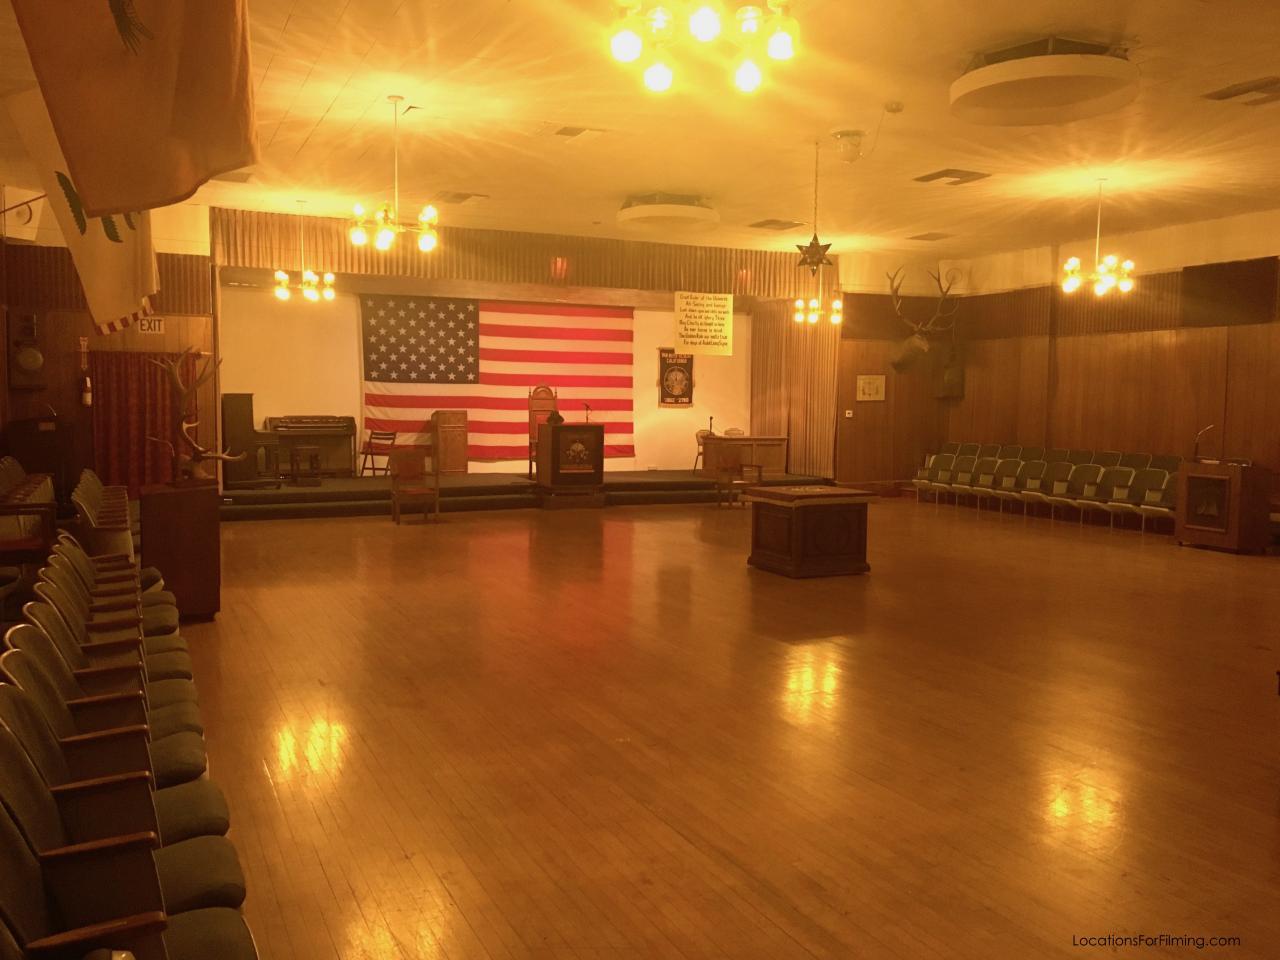 MG - Auditorium